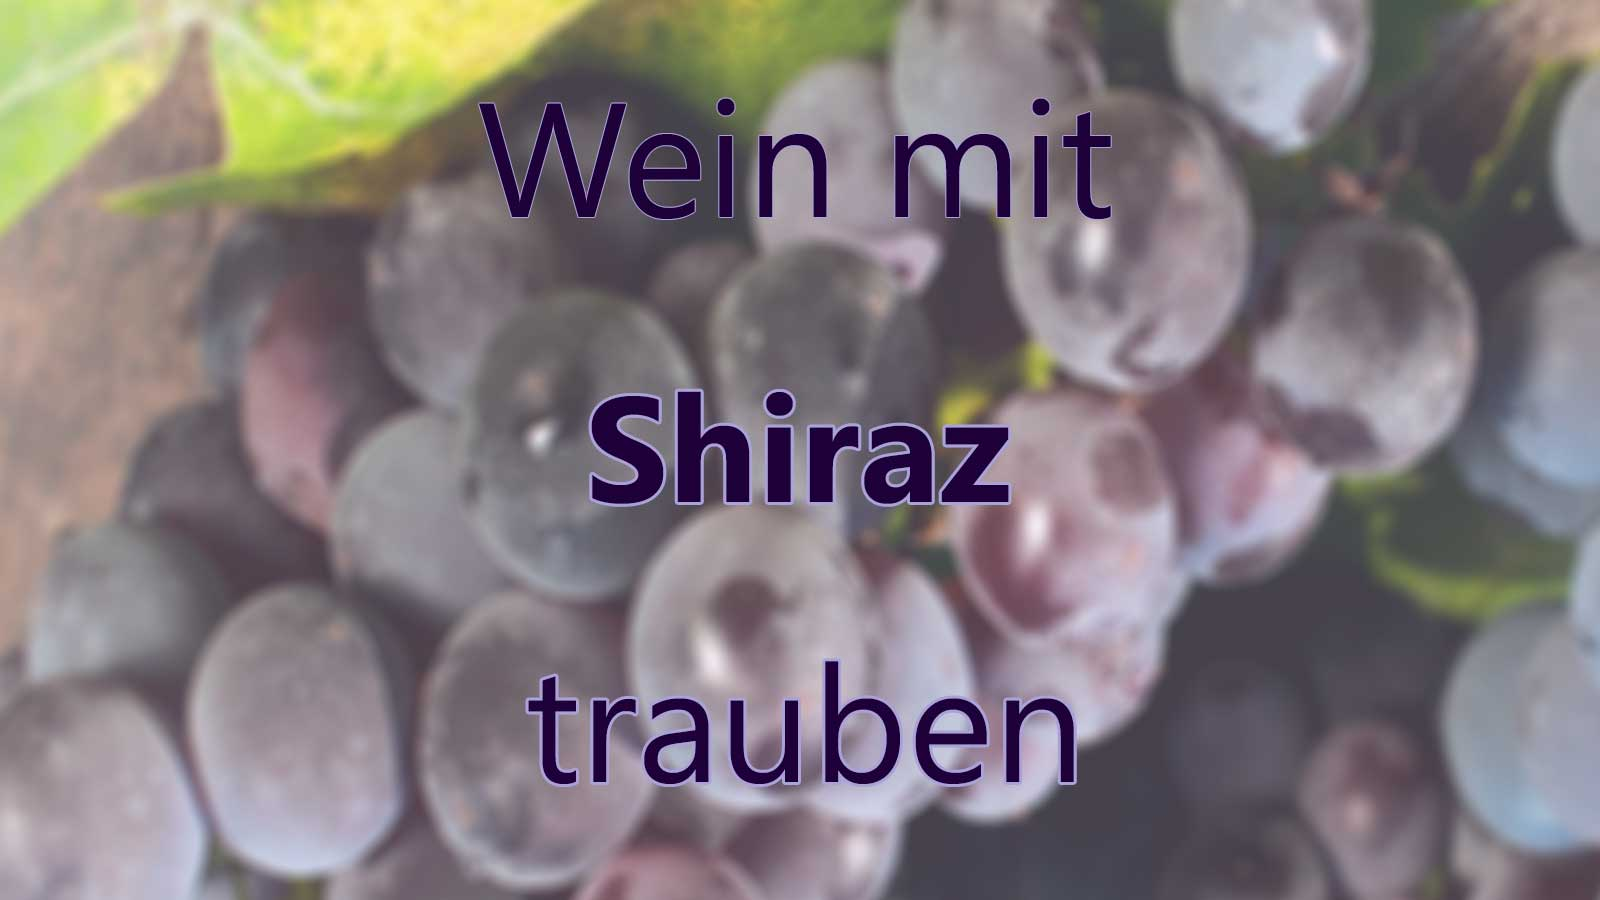 Wein mit Shiraz Trauben